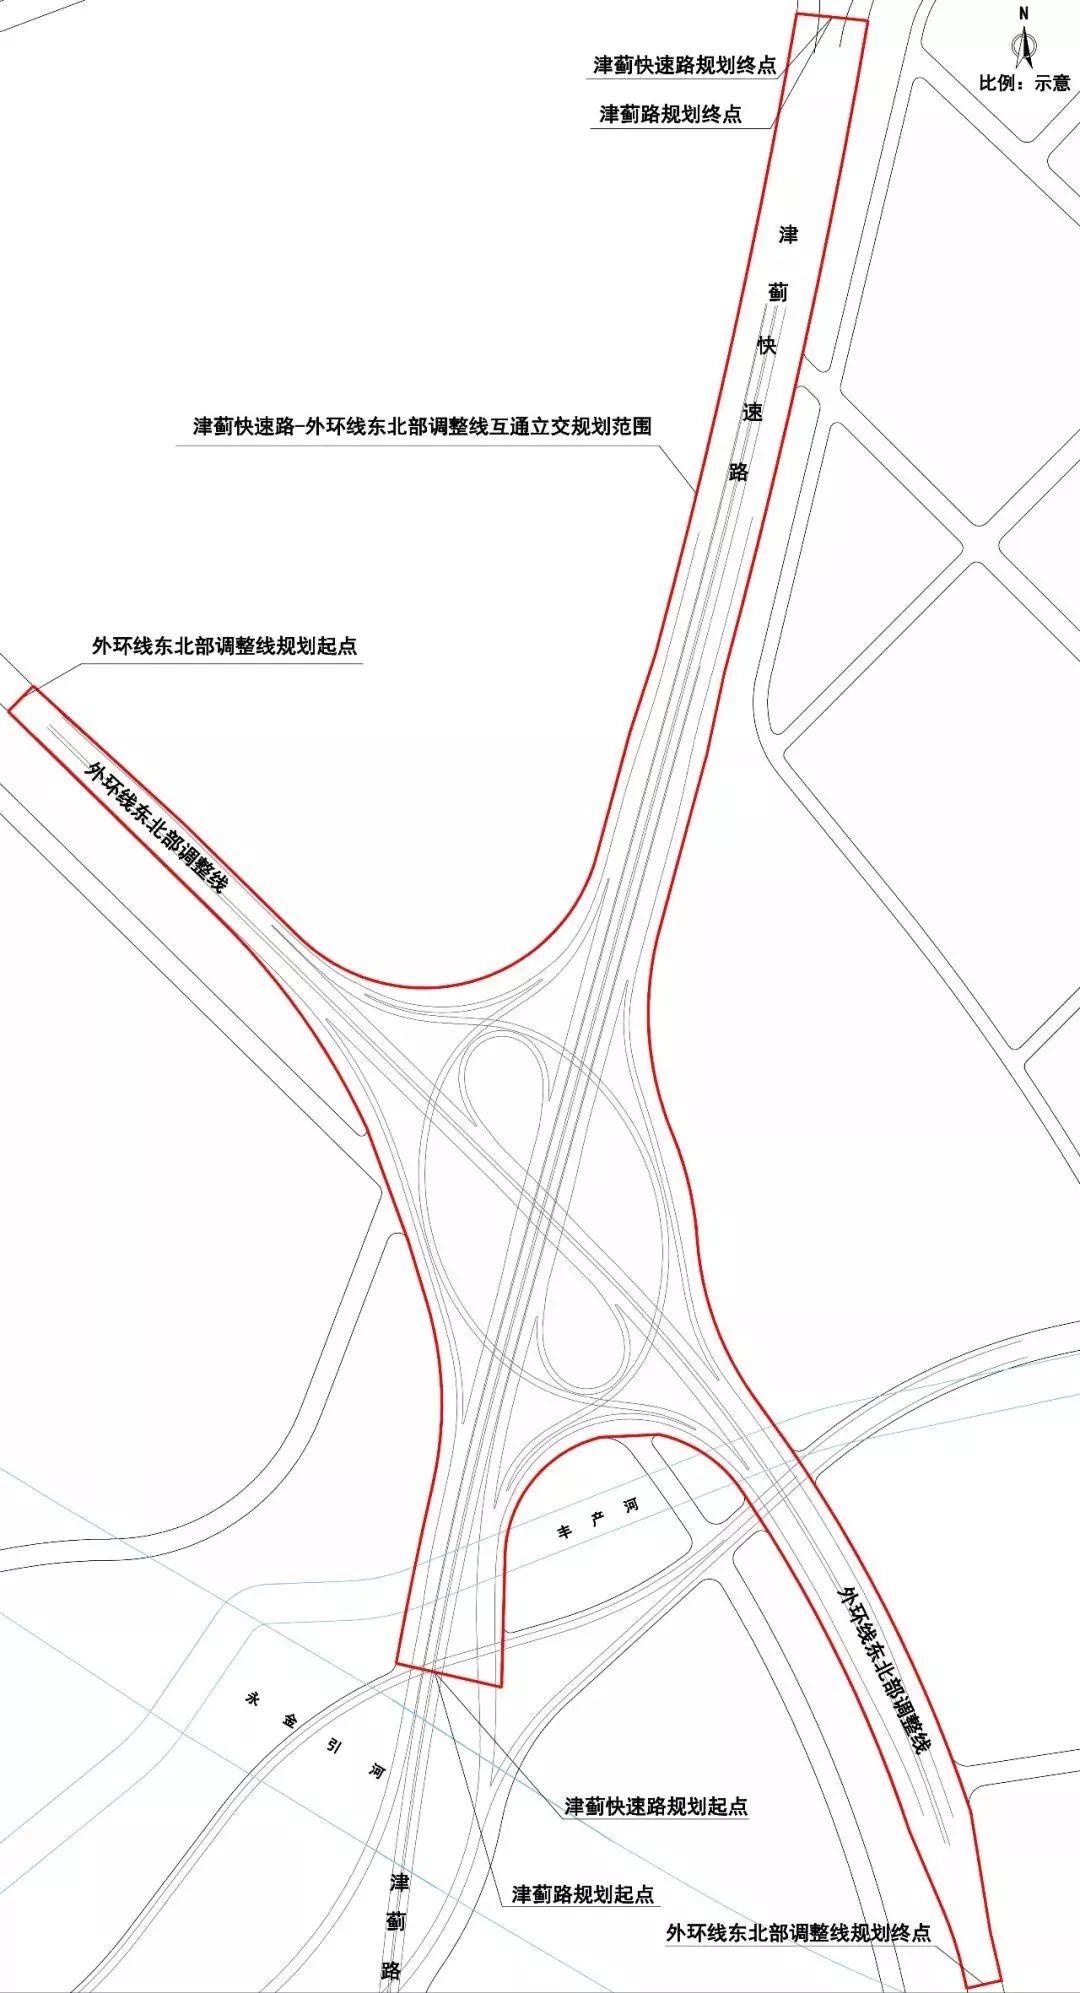 天津这个地方要建立交桥和快速路